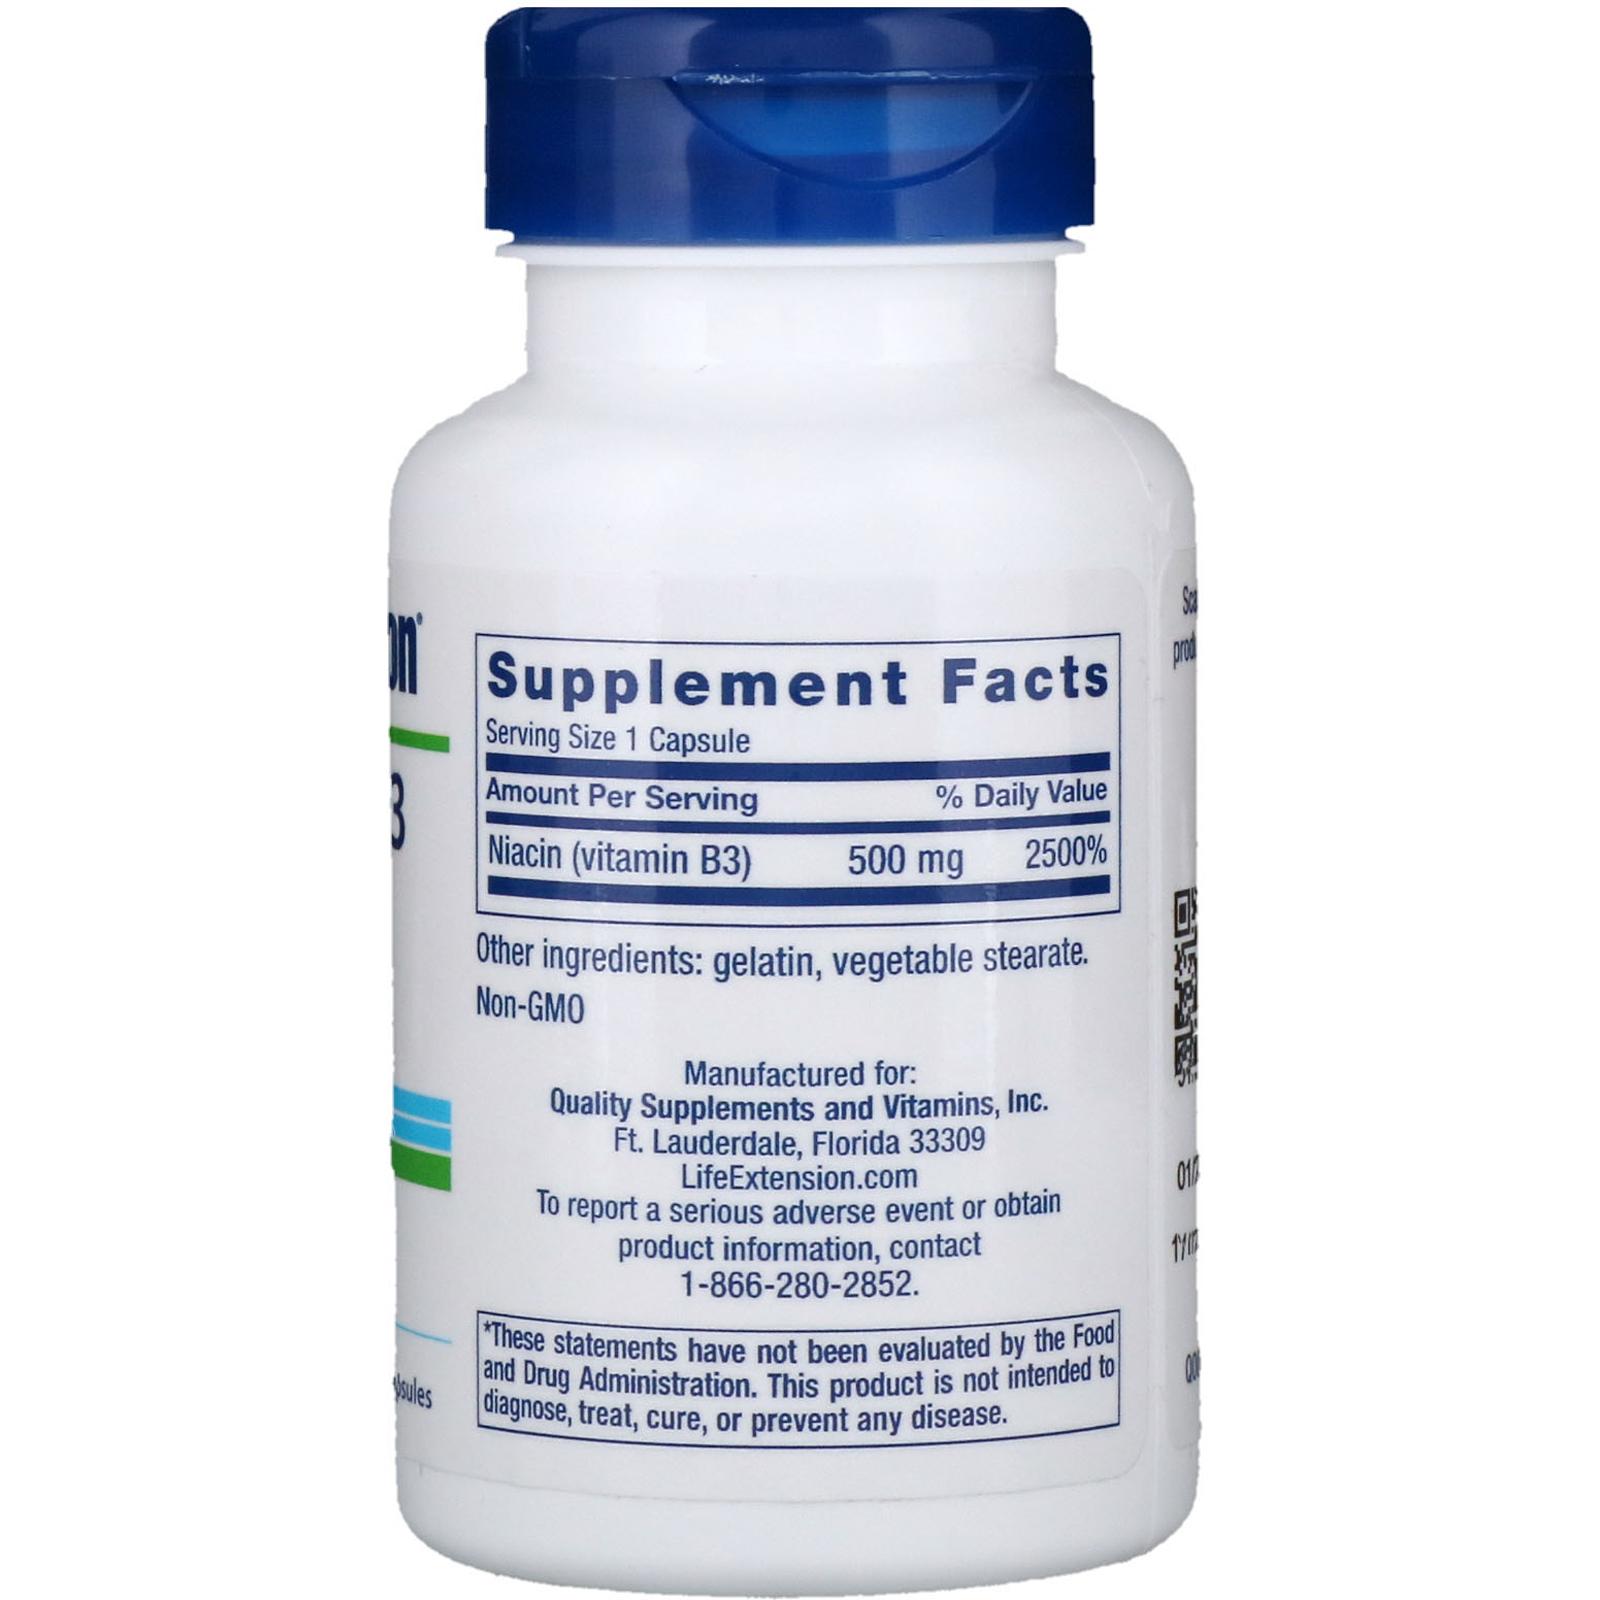 køb b3 vitamin